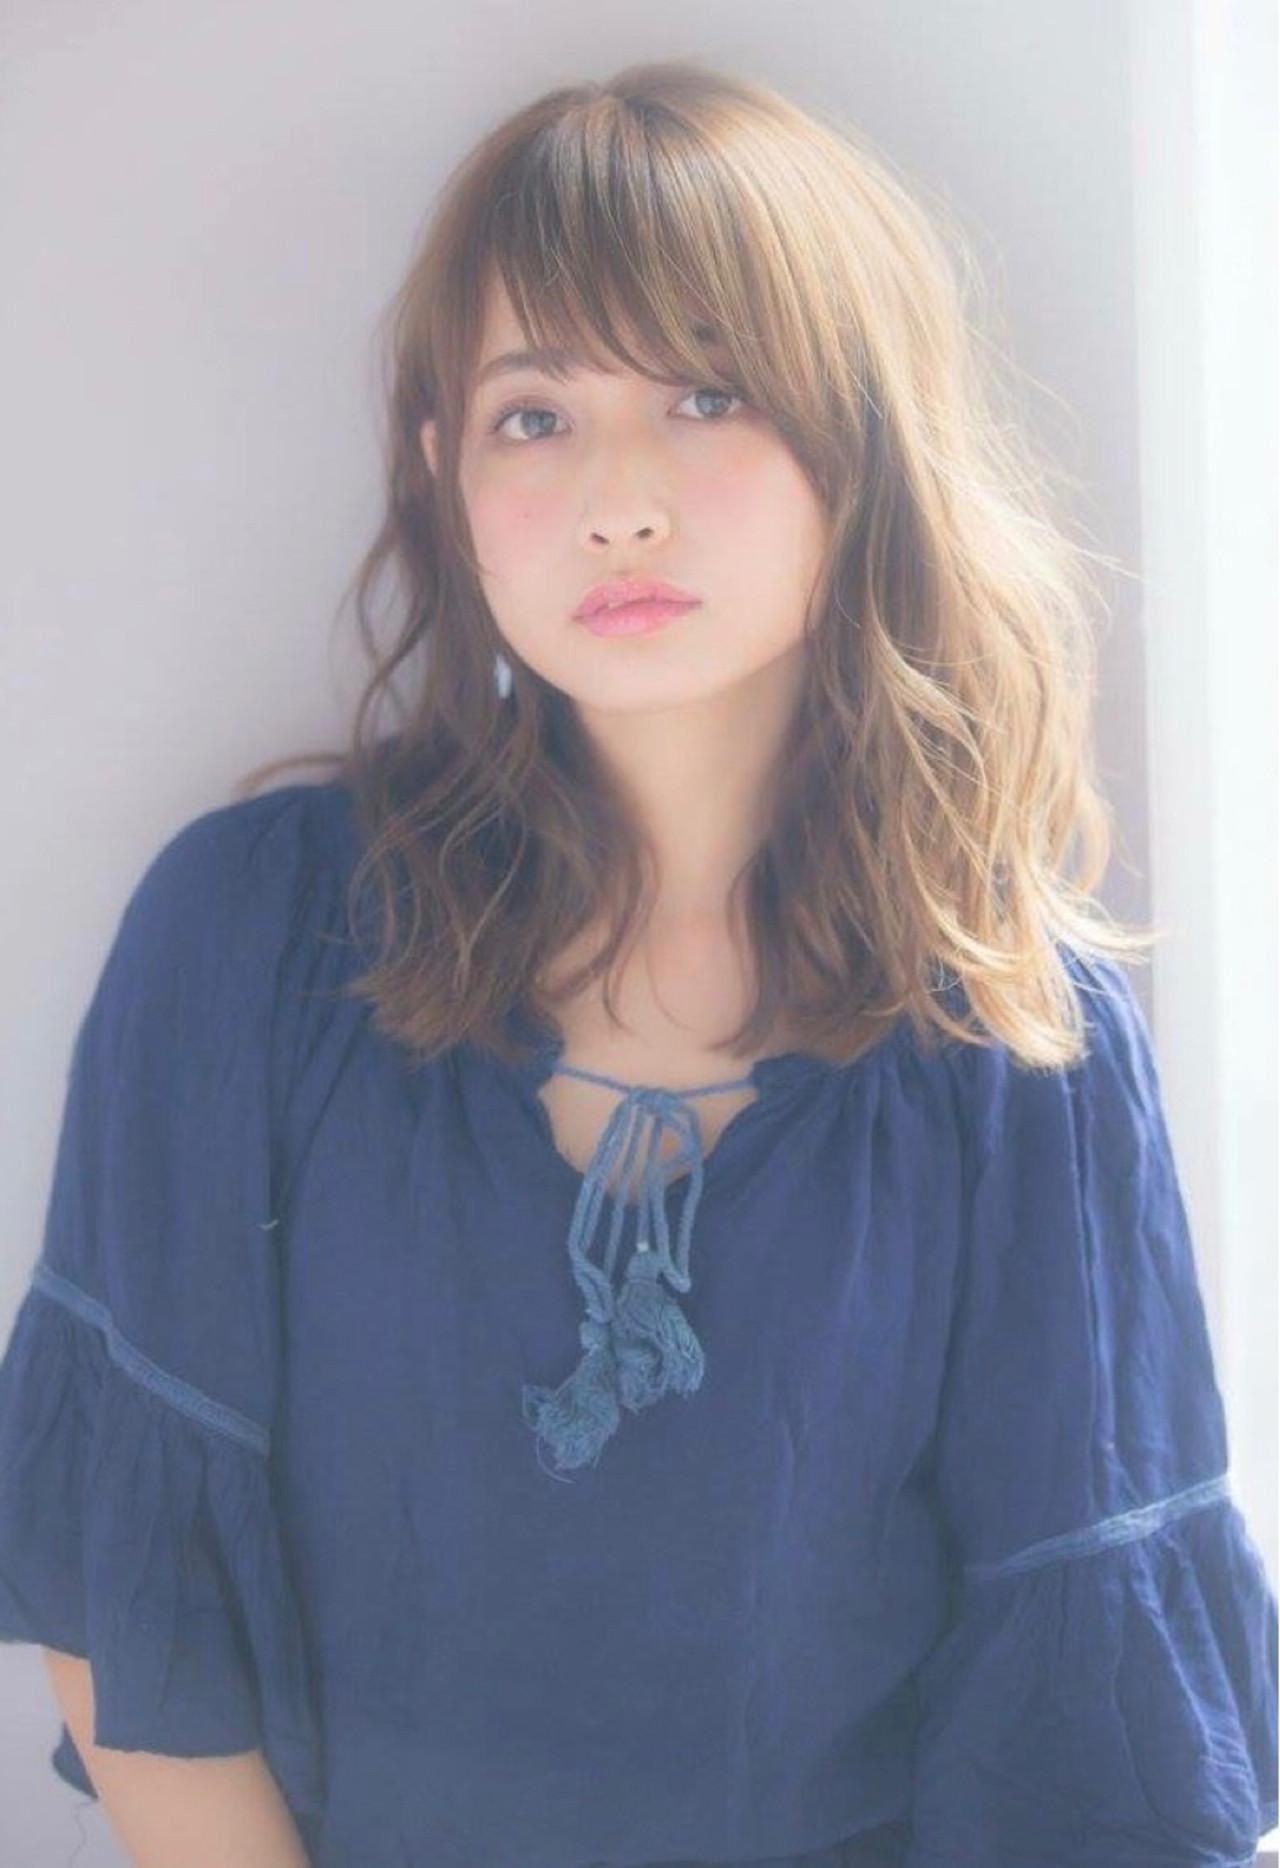 前髪あり パーマ デート 簡単ヘアアレンジ ヘアスタイルや髪型の写真・画像